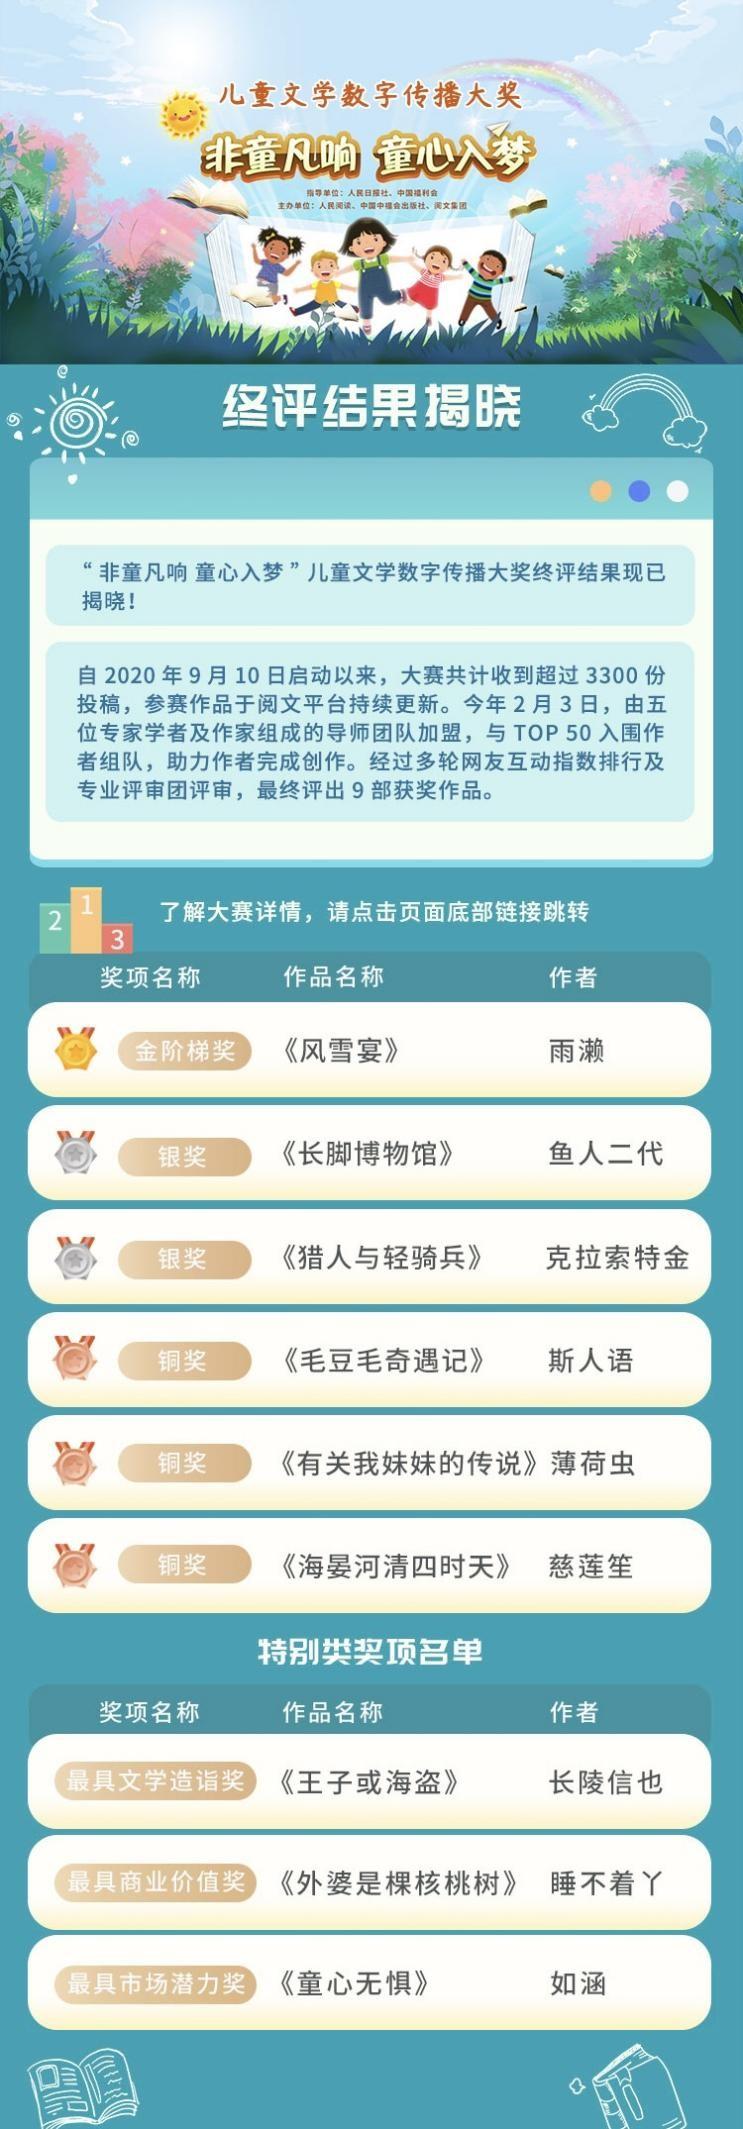 儿童文学数字传播大奖揭晓_未来将持续挖掘推广优秀作品